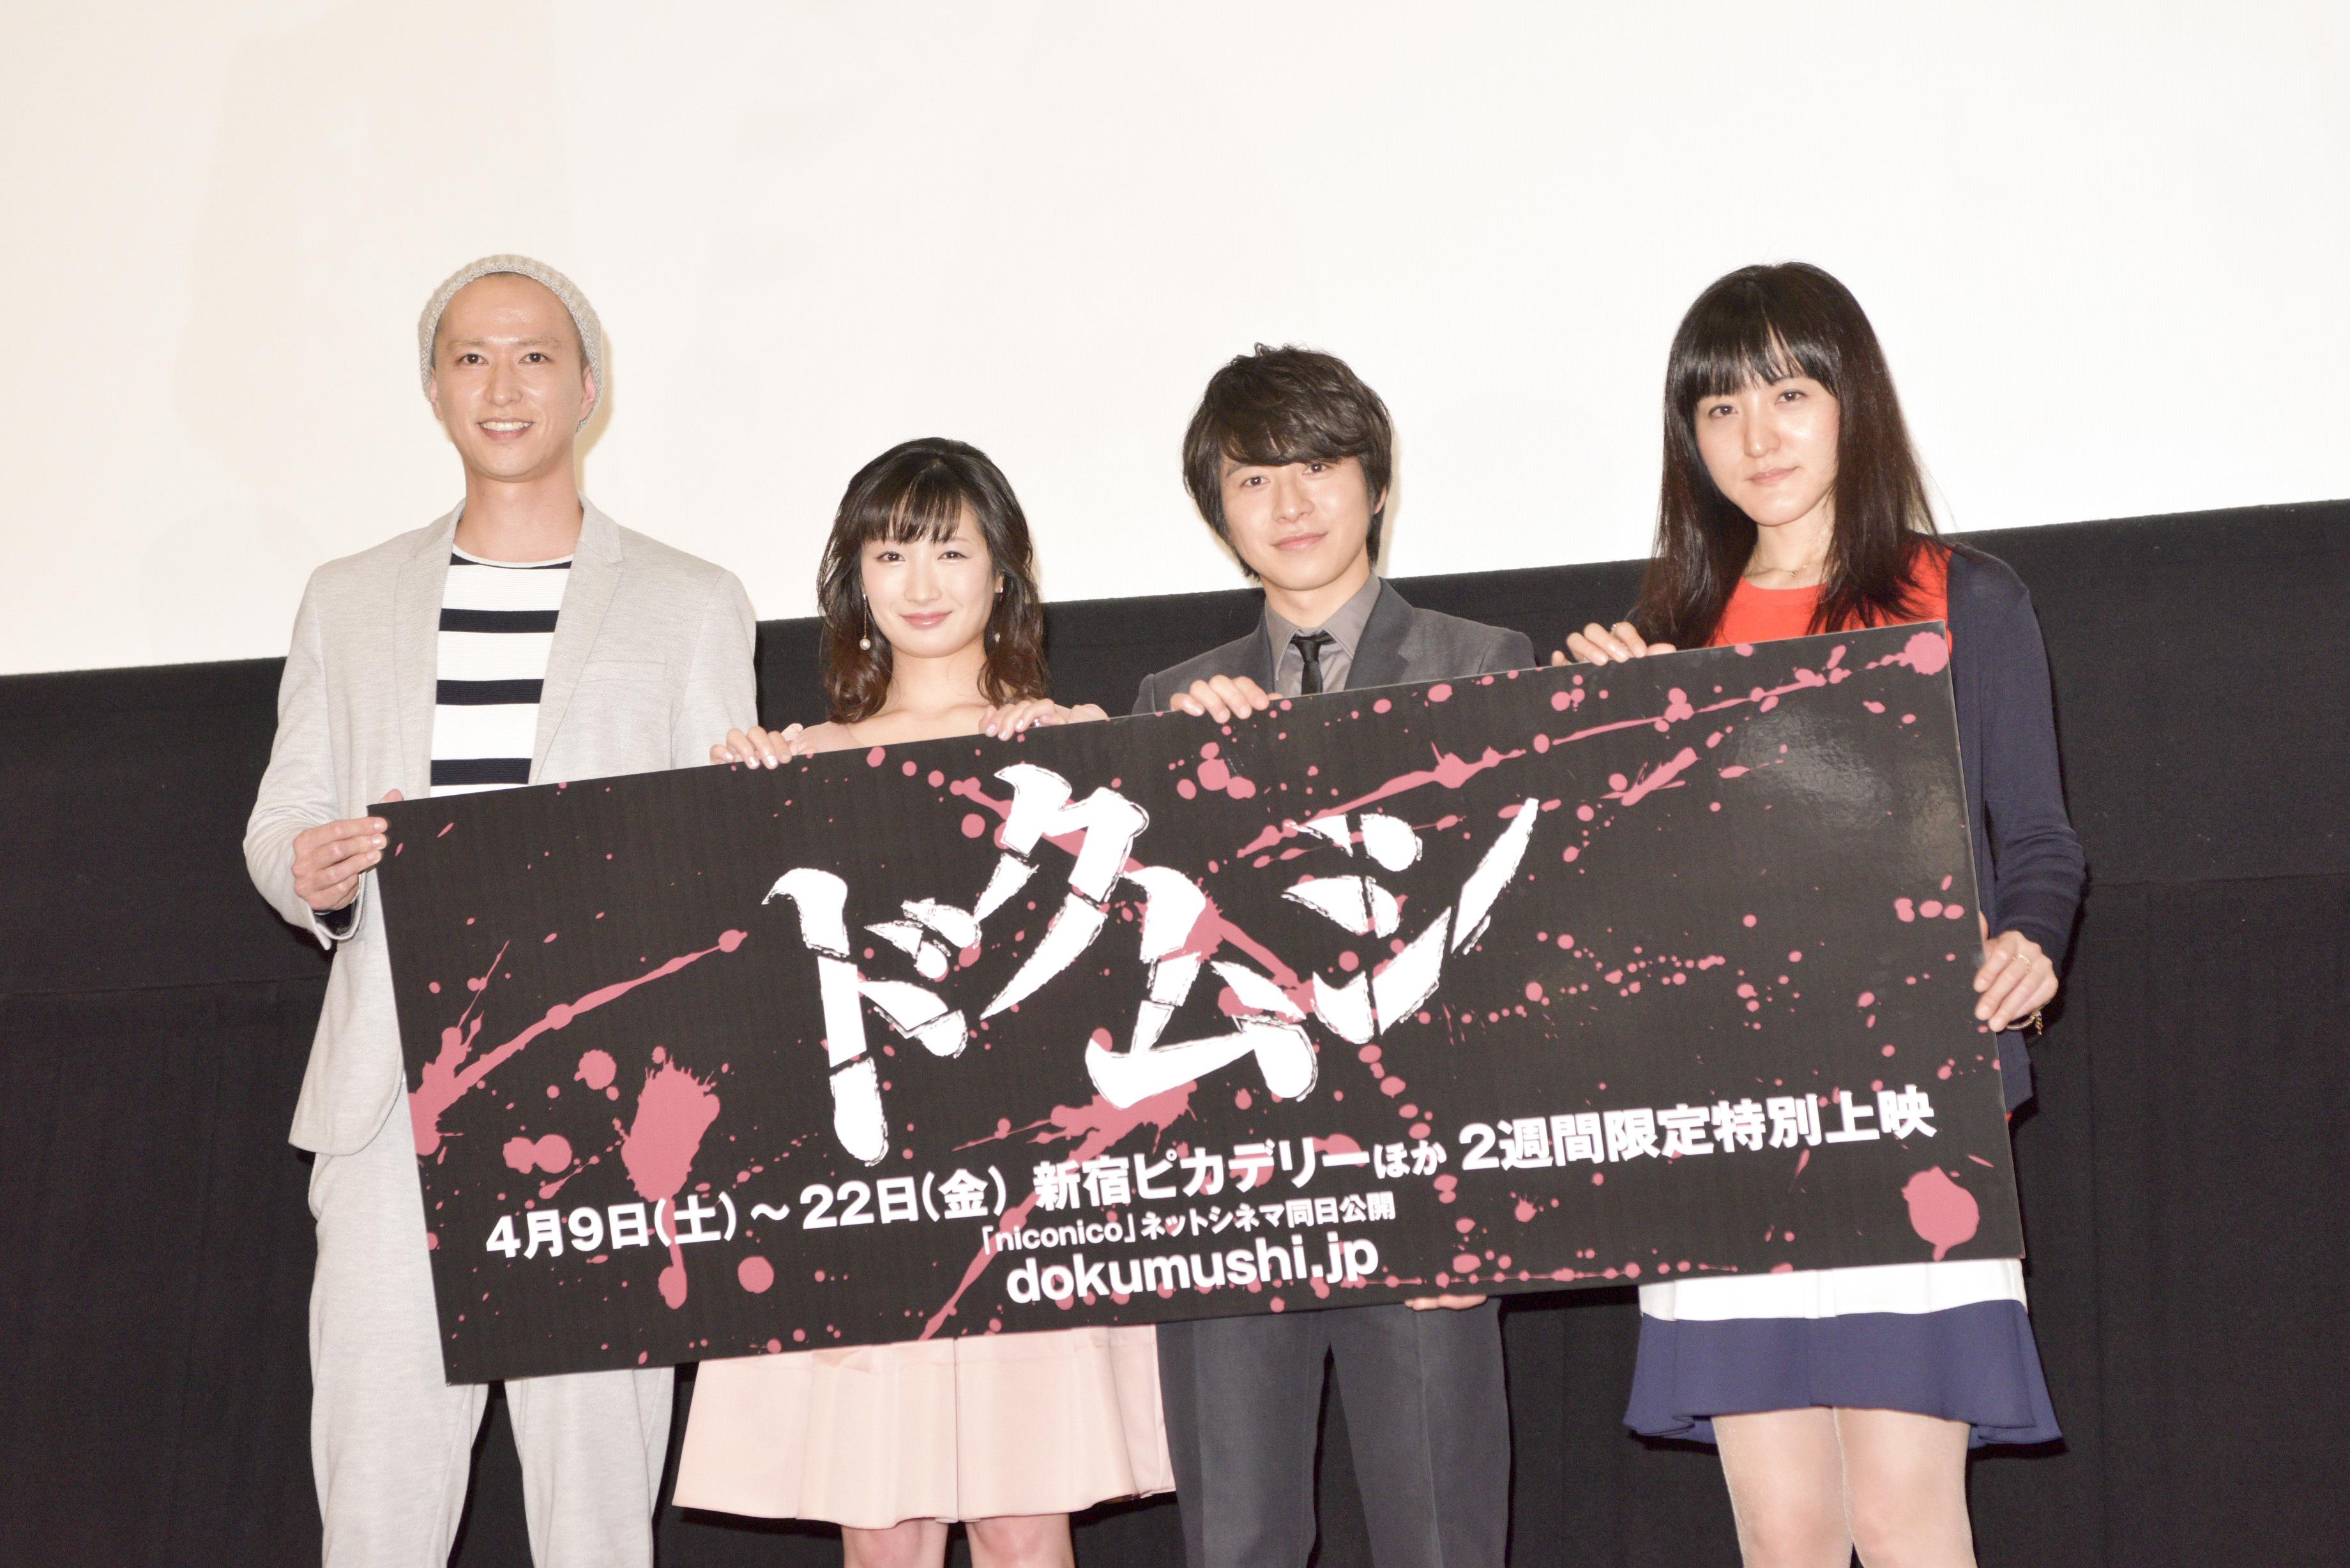 左から秋山真太郎、武田梨奈、村井良大、武田梨奈、朝倉加葉子監督